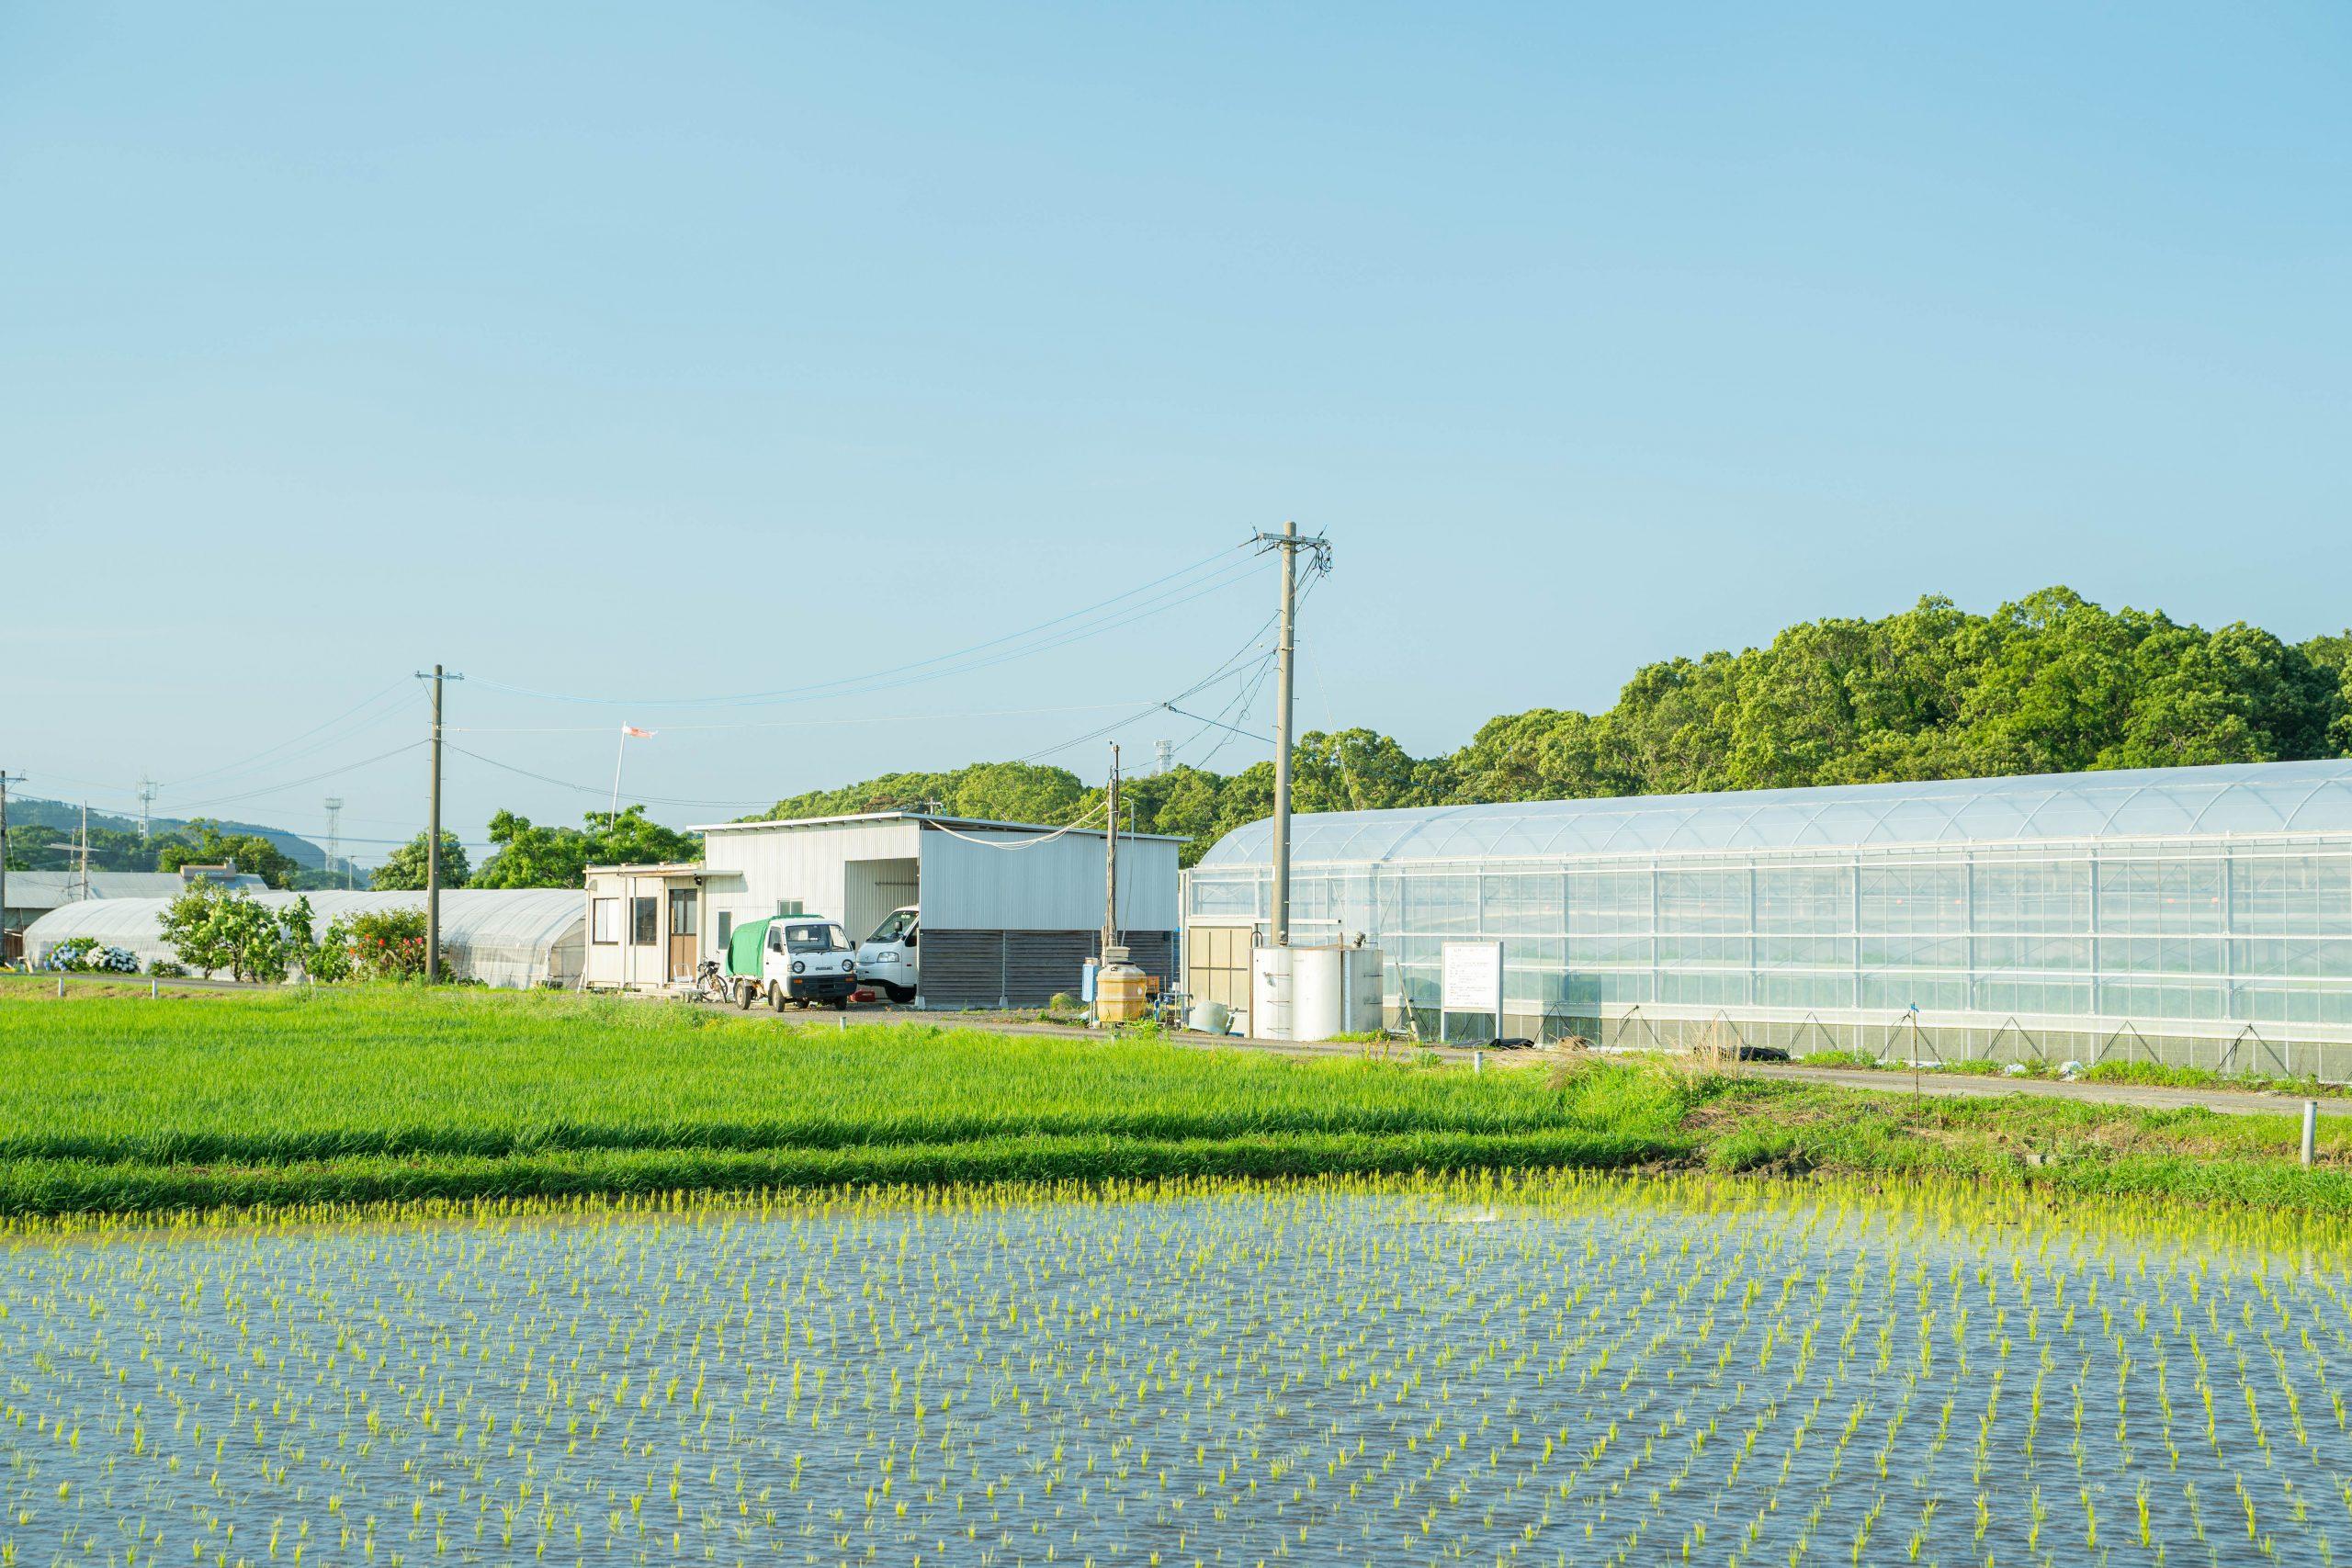 農業の町ー宮崎県新富町ー開発ラボ(軽トラ後ろ)